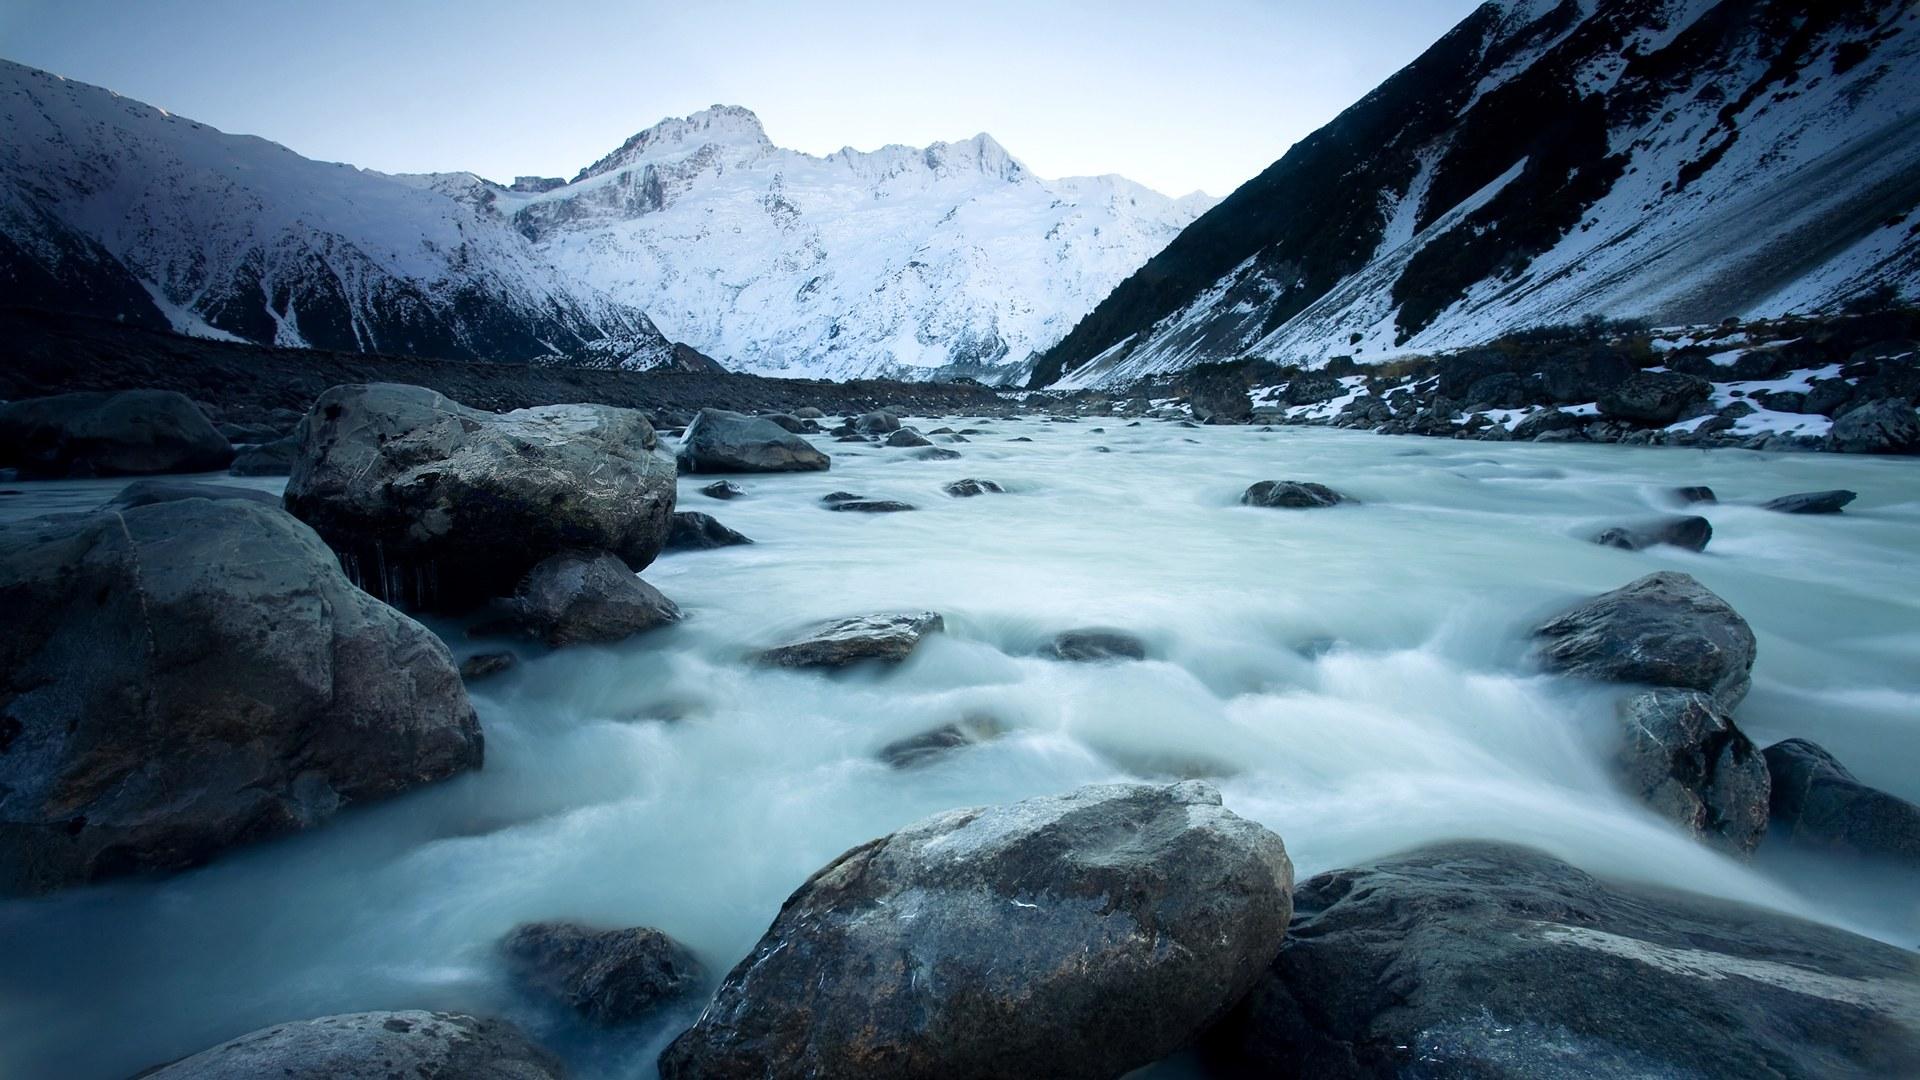 壁纸1920×1080新西兰雪山冰河